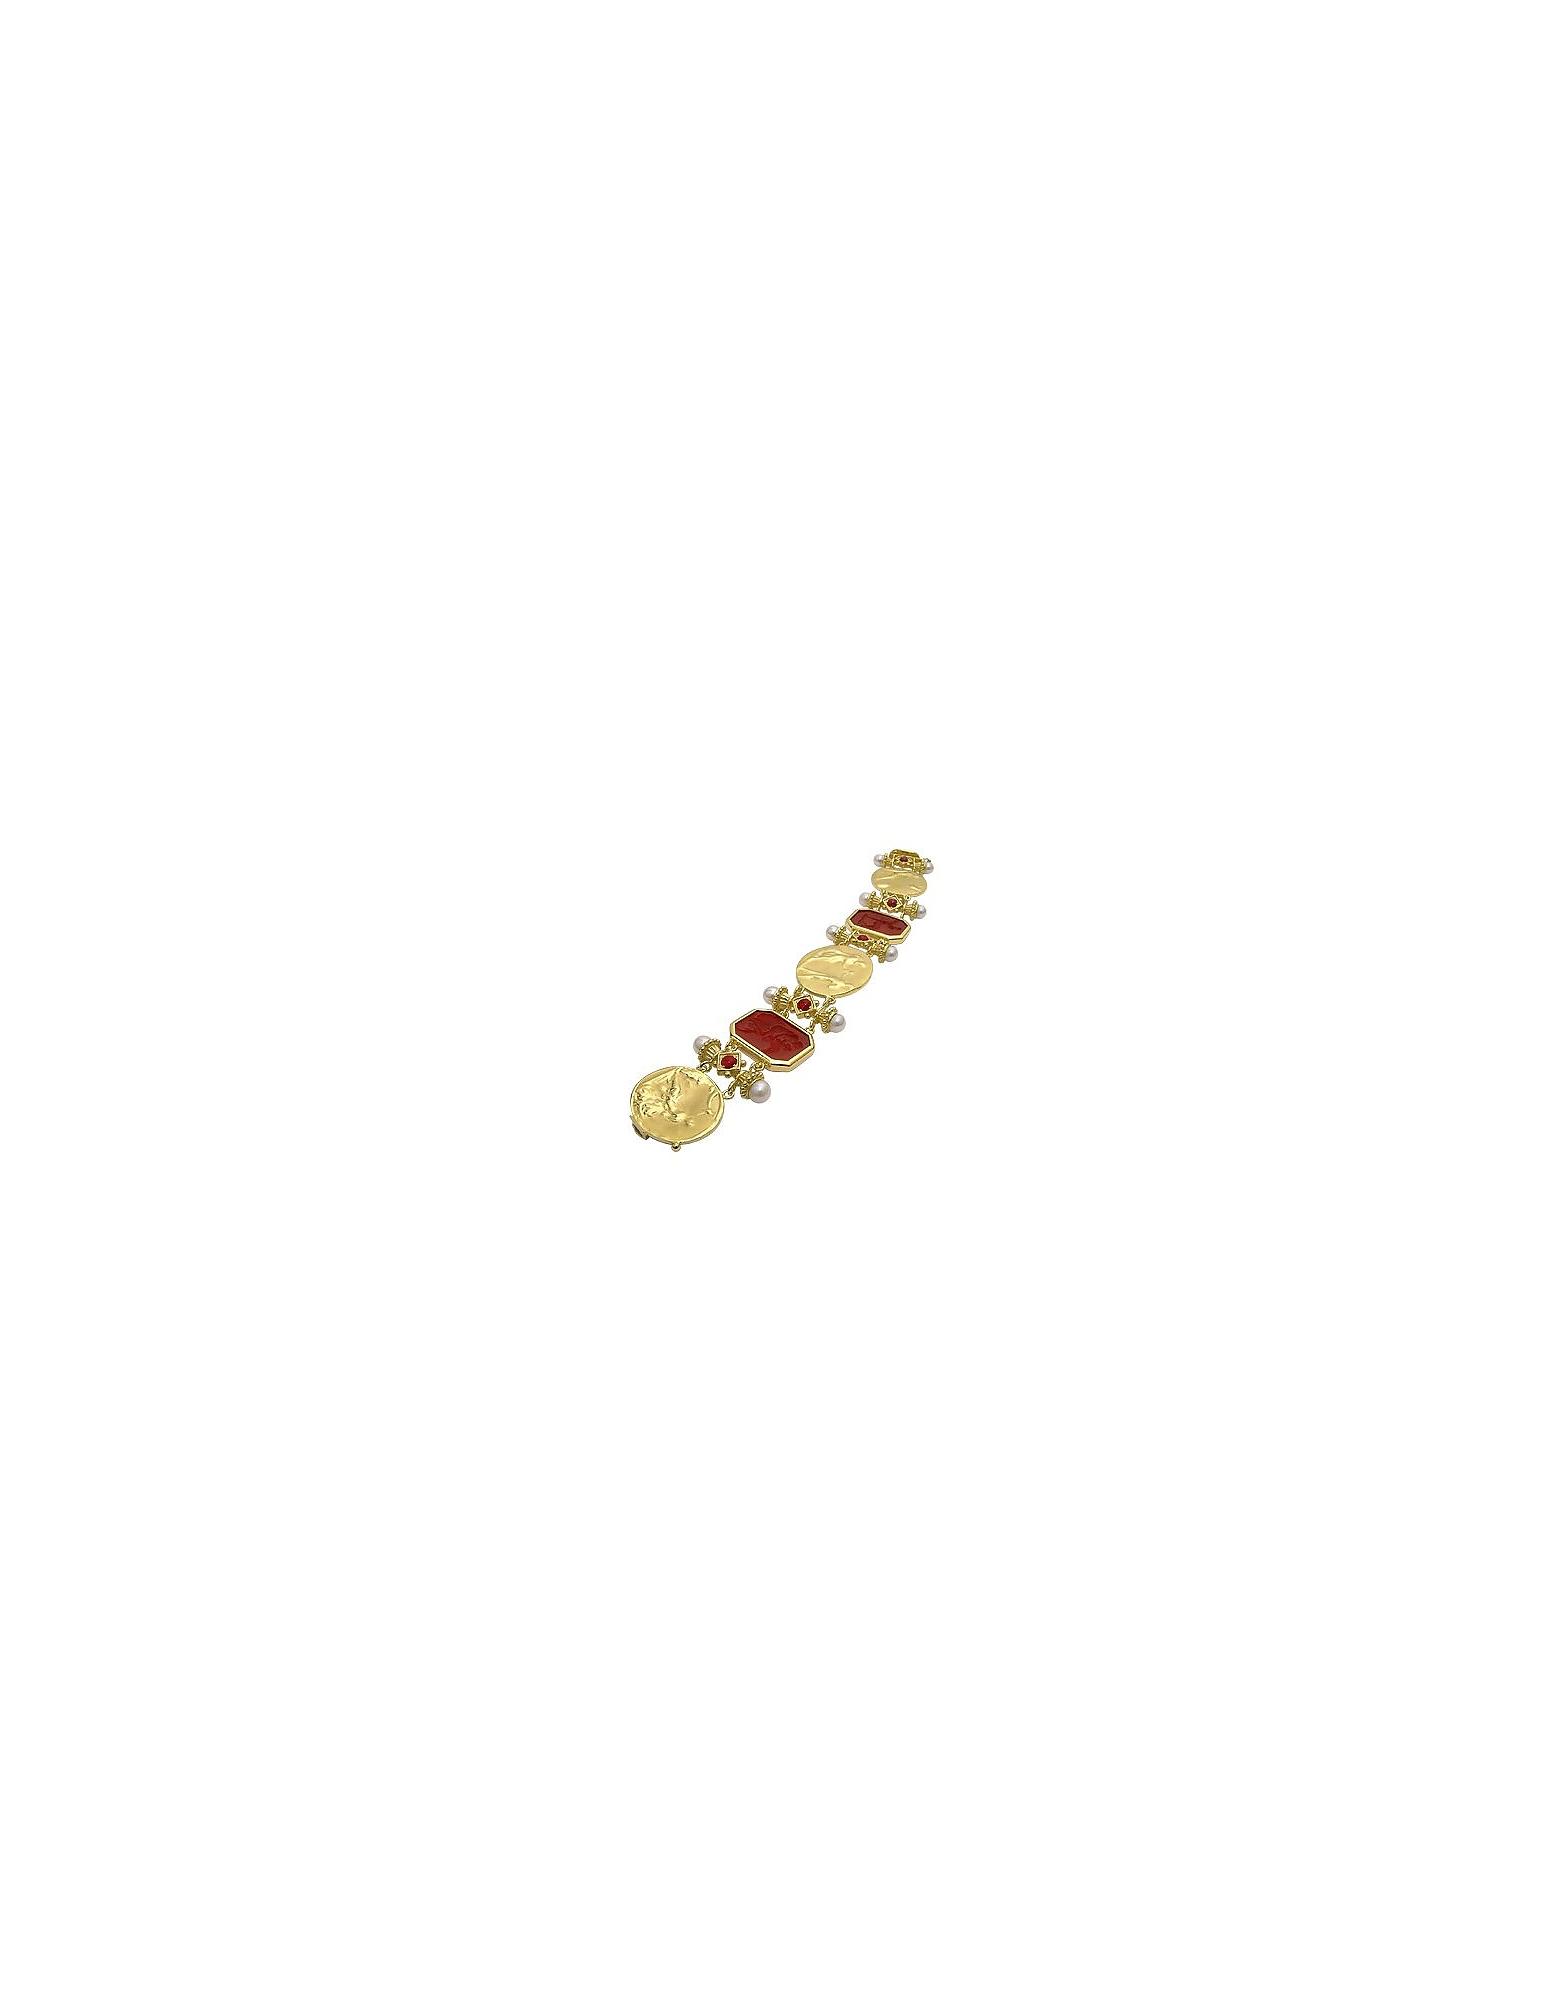 Classica Collection - Braccialetto in oro 18ct e rubino